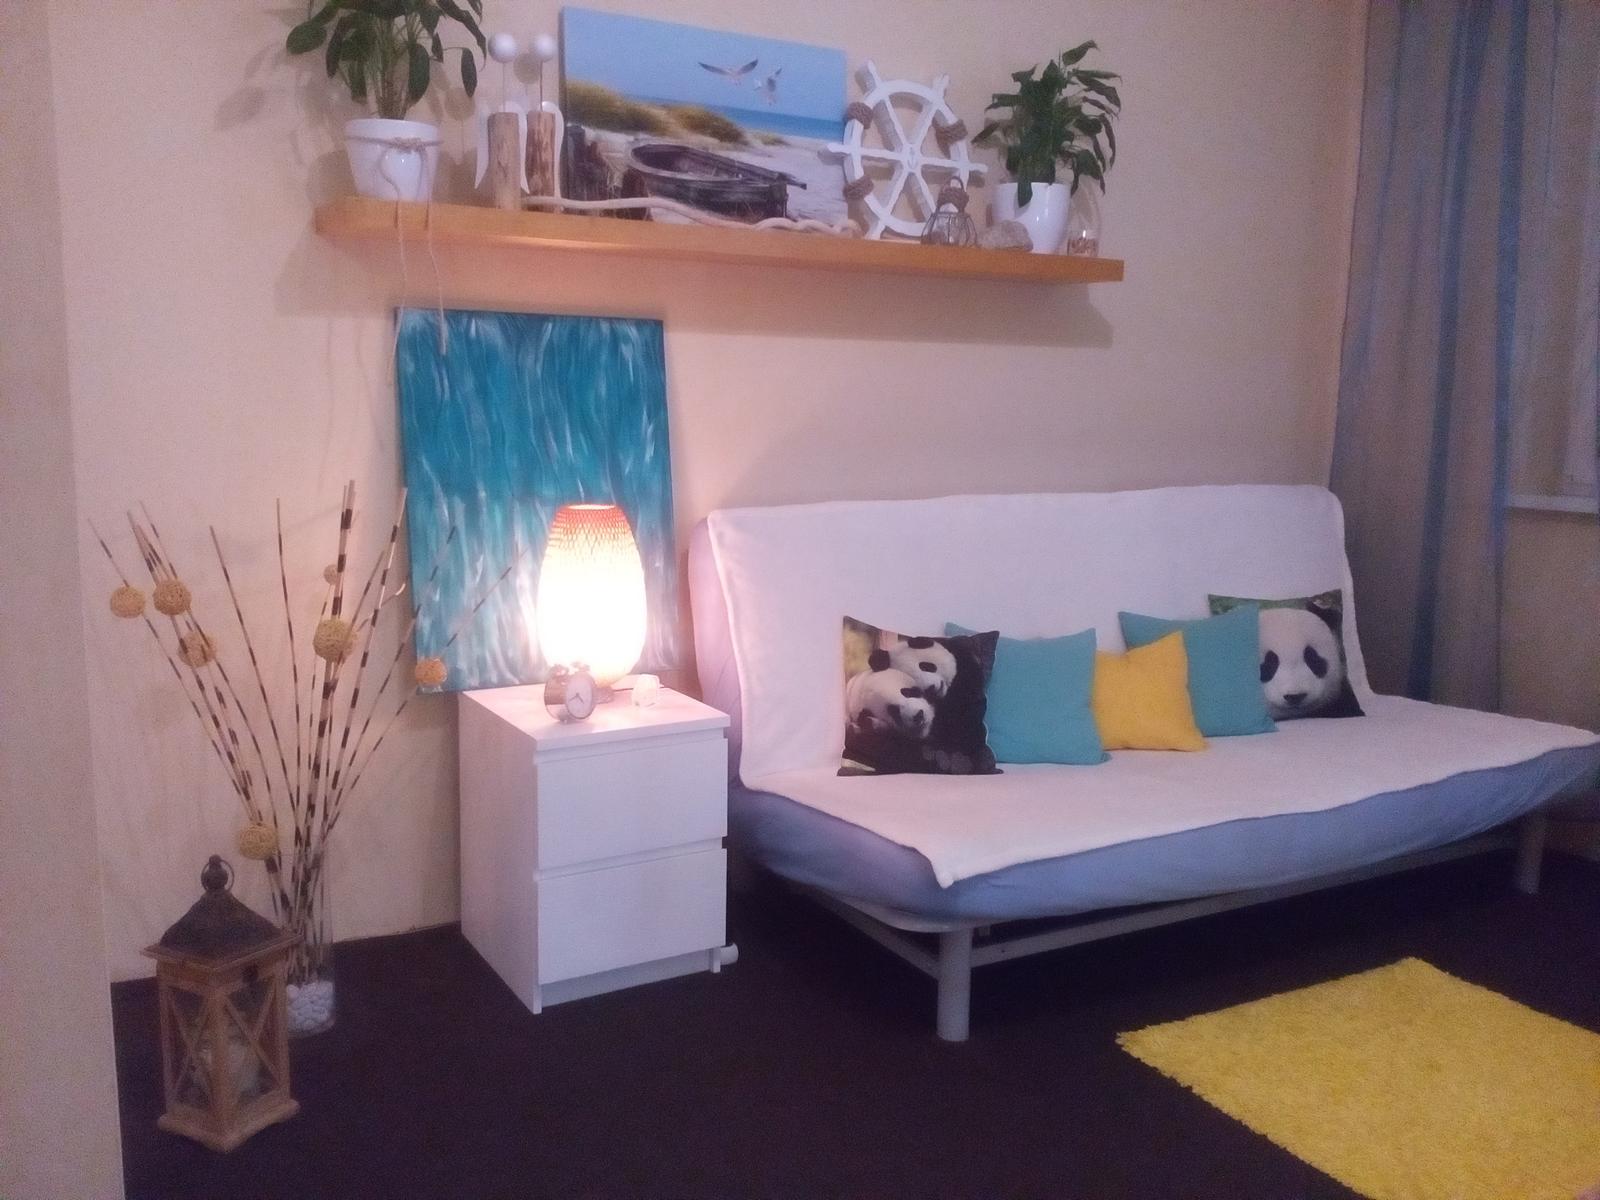 Moja druhá izba v Bratislave - Obrázok č. 4